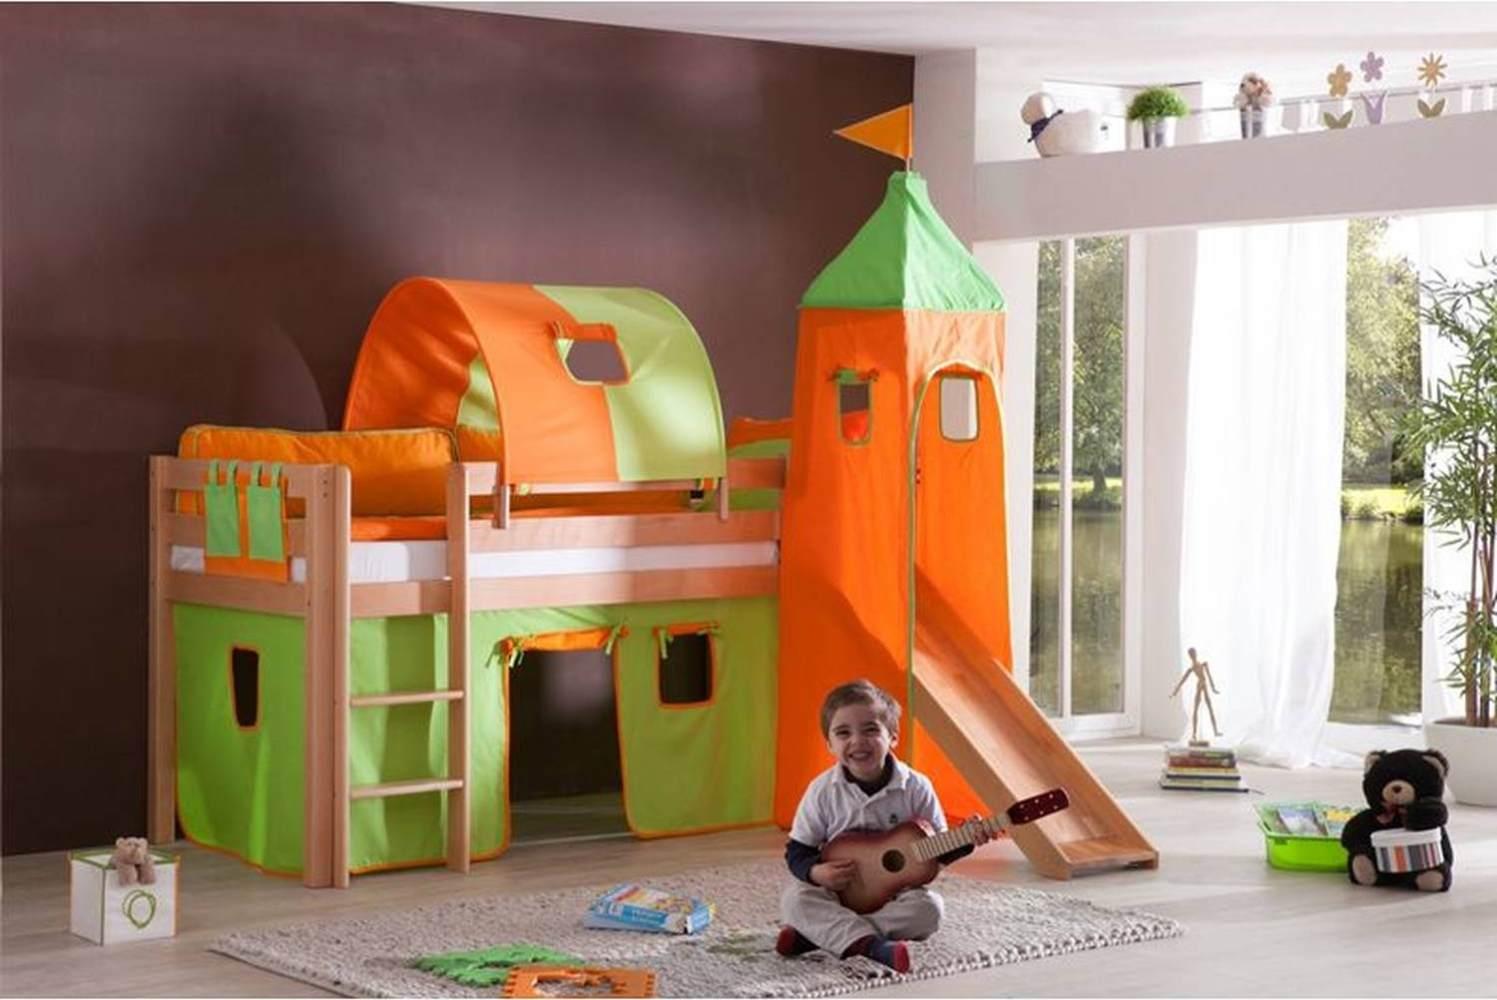 Relita Halbhochbett ALEX-13 mit Rutsche/Turm/Tunnel Buche massiv natur lackiert mit Stoffset grün/orange Bild 1